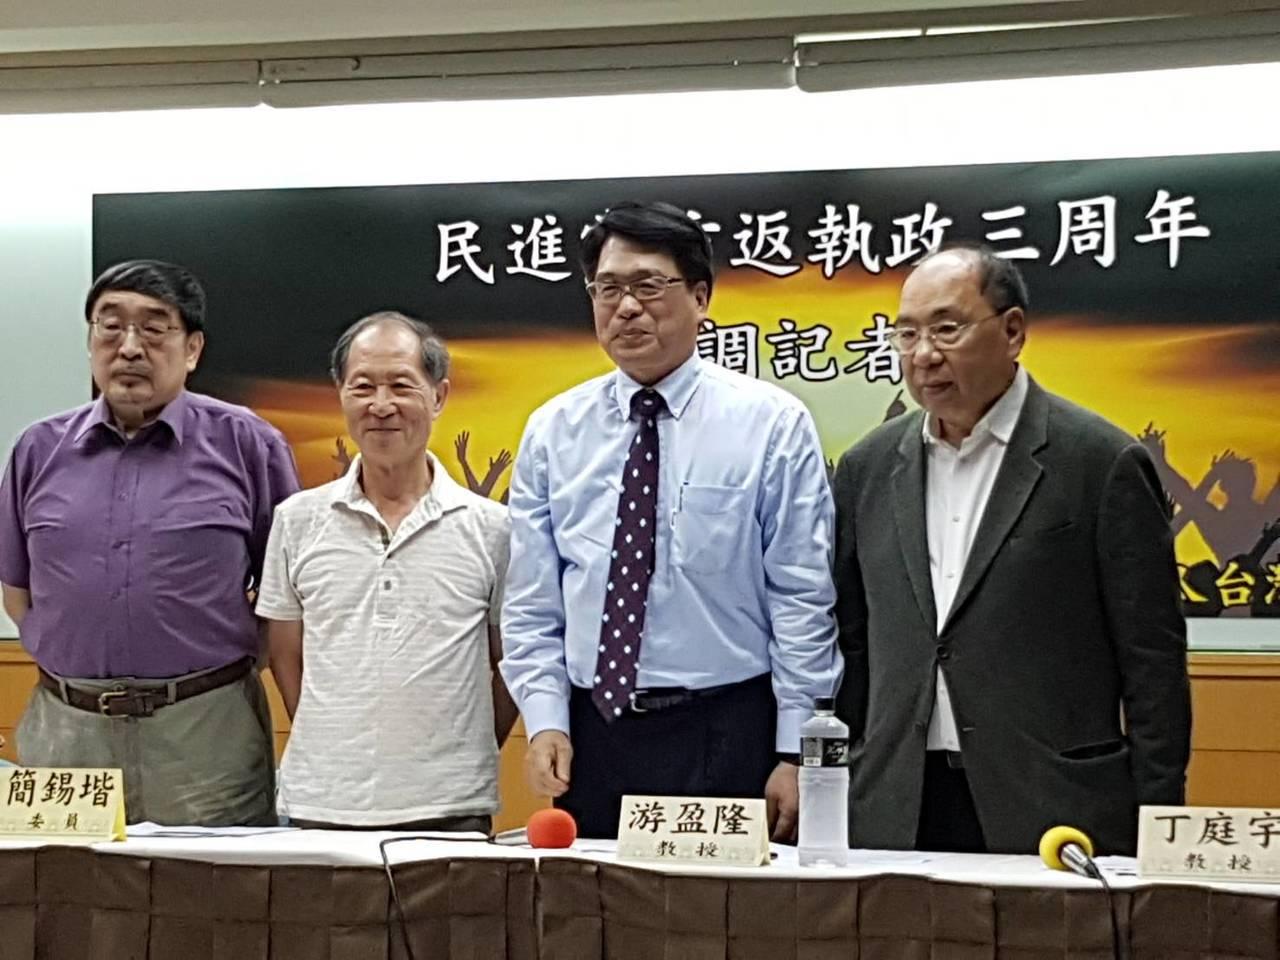 財團法人台灣民意基金會今天公布「民進黨重返執政三週年」最新民調,蔡英文總統三週年...